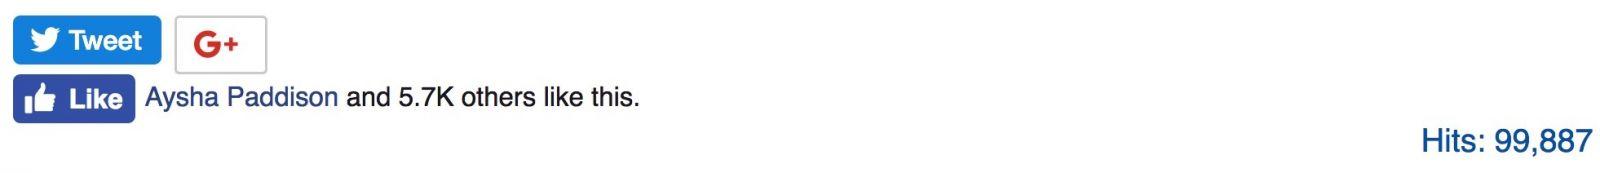 """Дэвид Уилкок. Космическое Раскрытие: """"Потрясающие новые брифинги: Массовые обвинения, целевые аресты и Раскрытие"""" 387_4"""